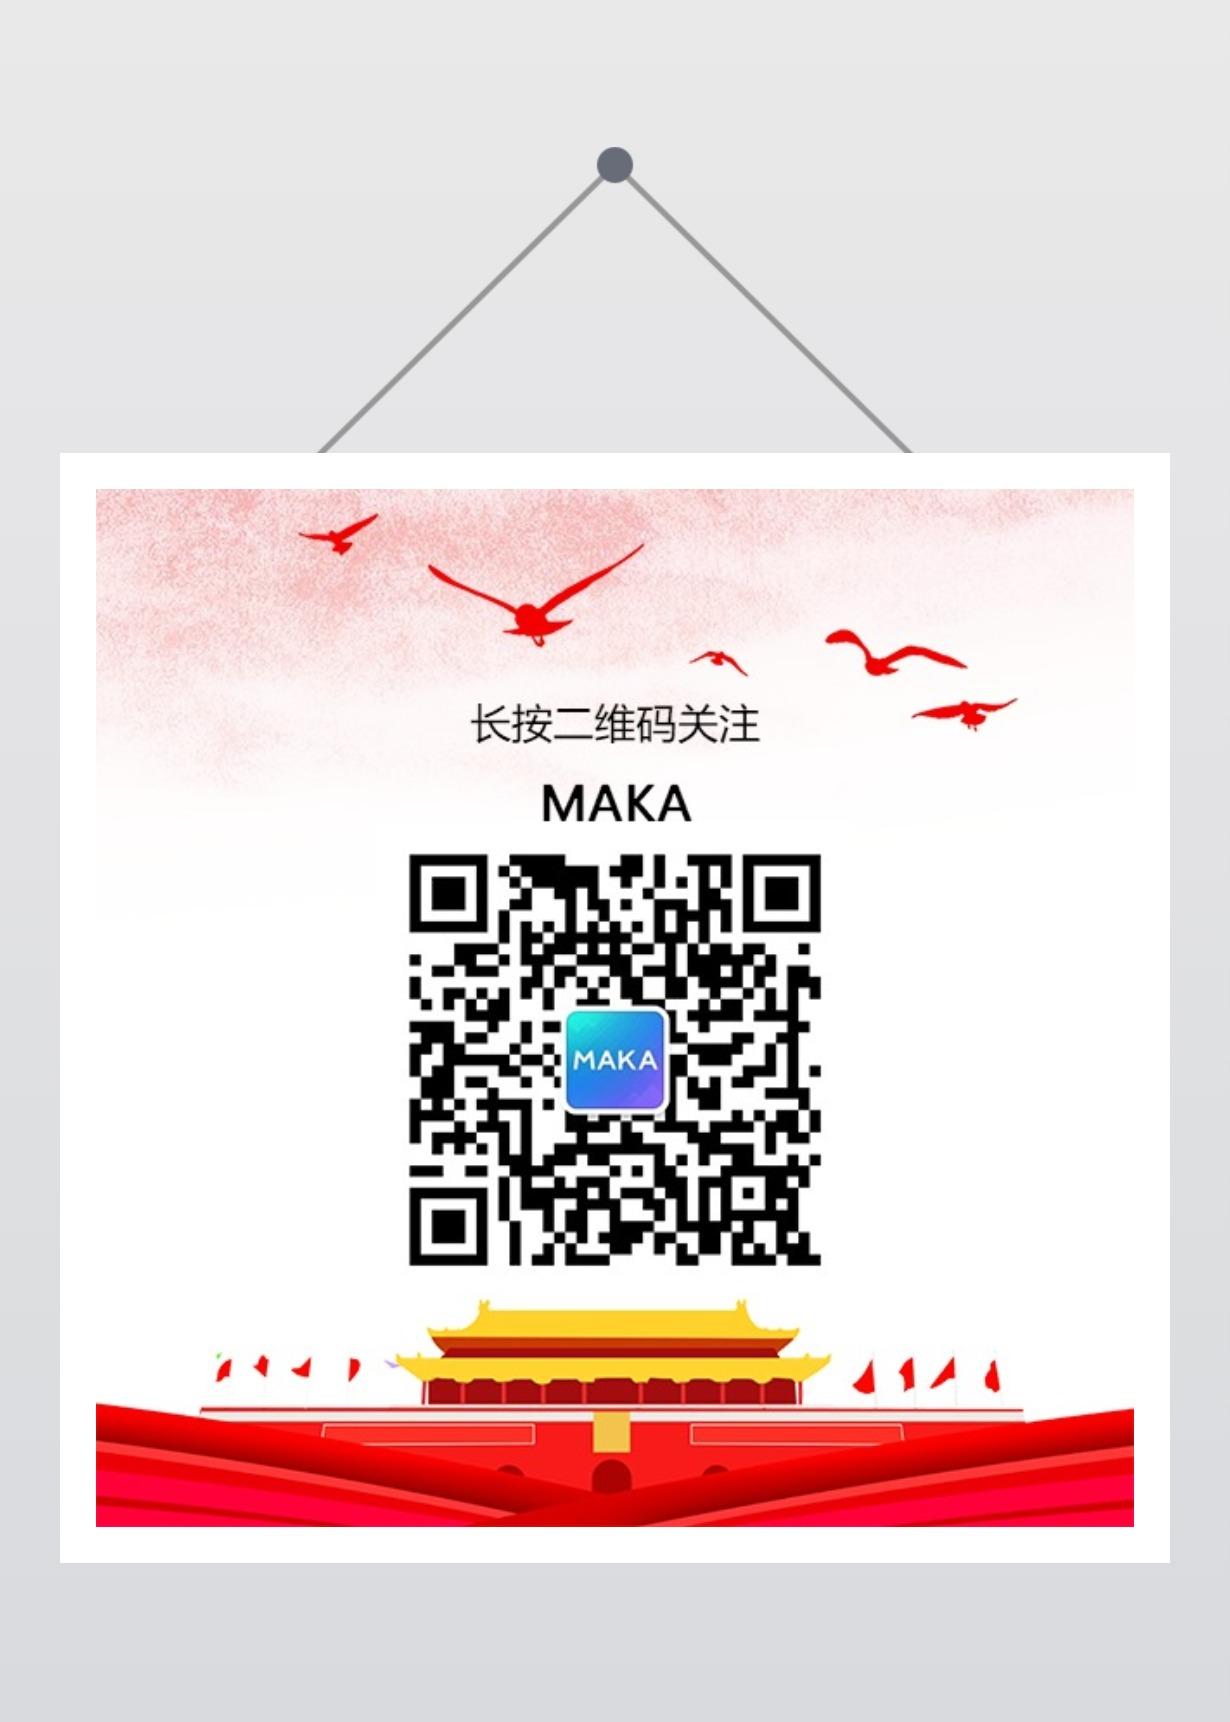 首页 微信素材 公众号底部二维码 红色党建文化引导关注通用二维码